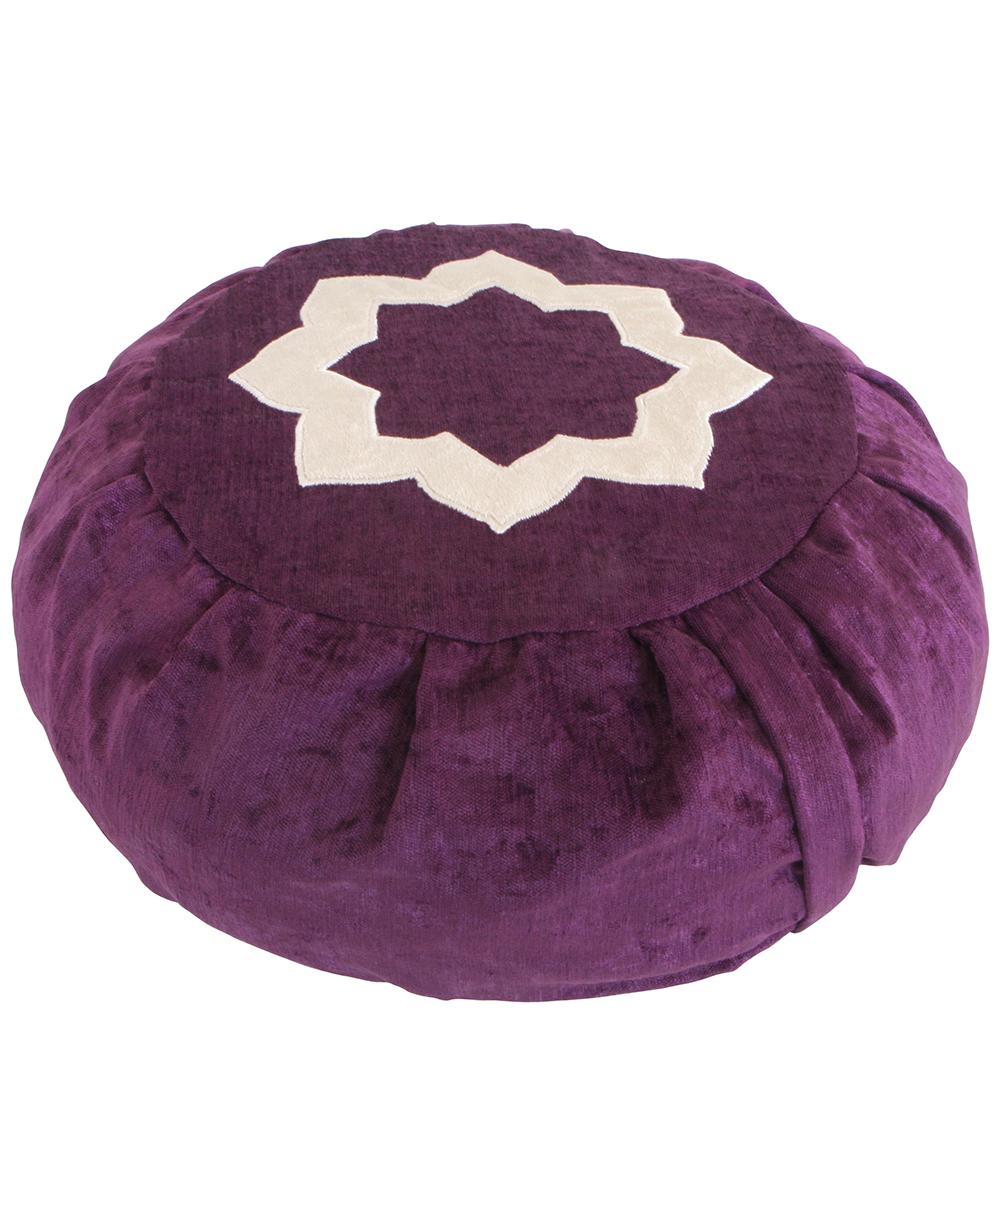 purple lotus meditation cushion